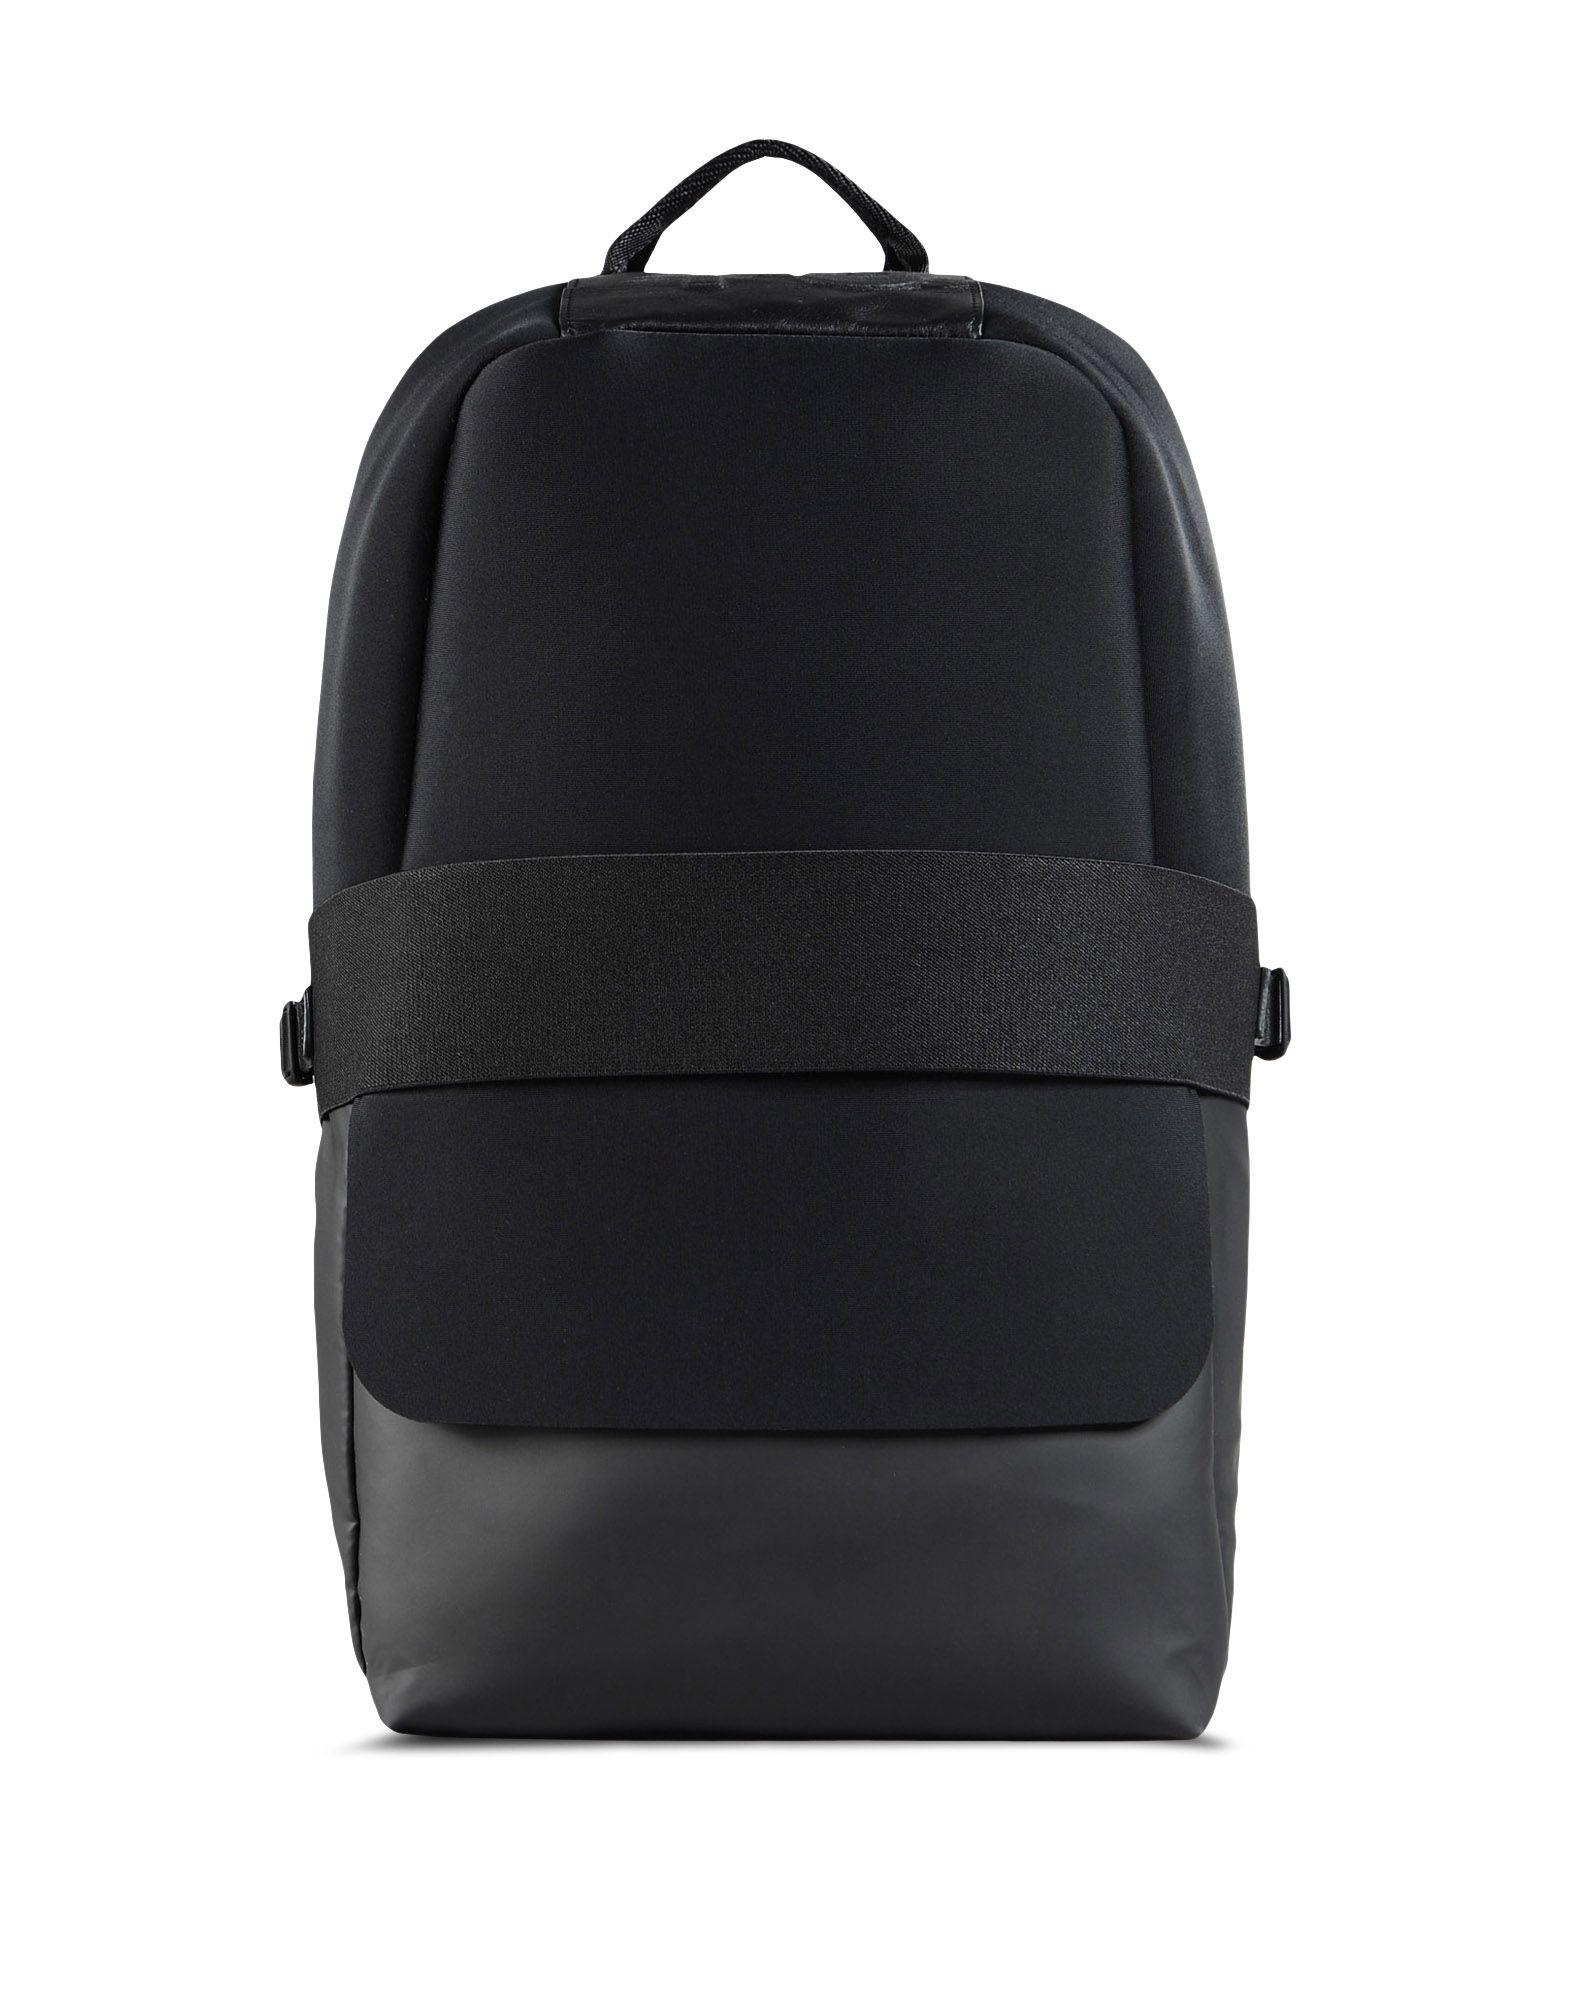 Y-3 QASA BACKPACK BAGS unisex Y-3 adidas